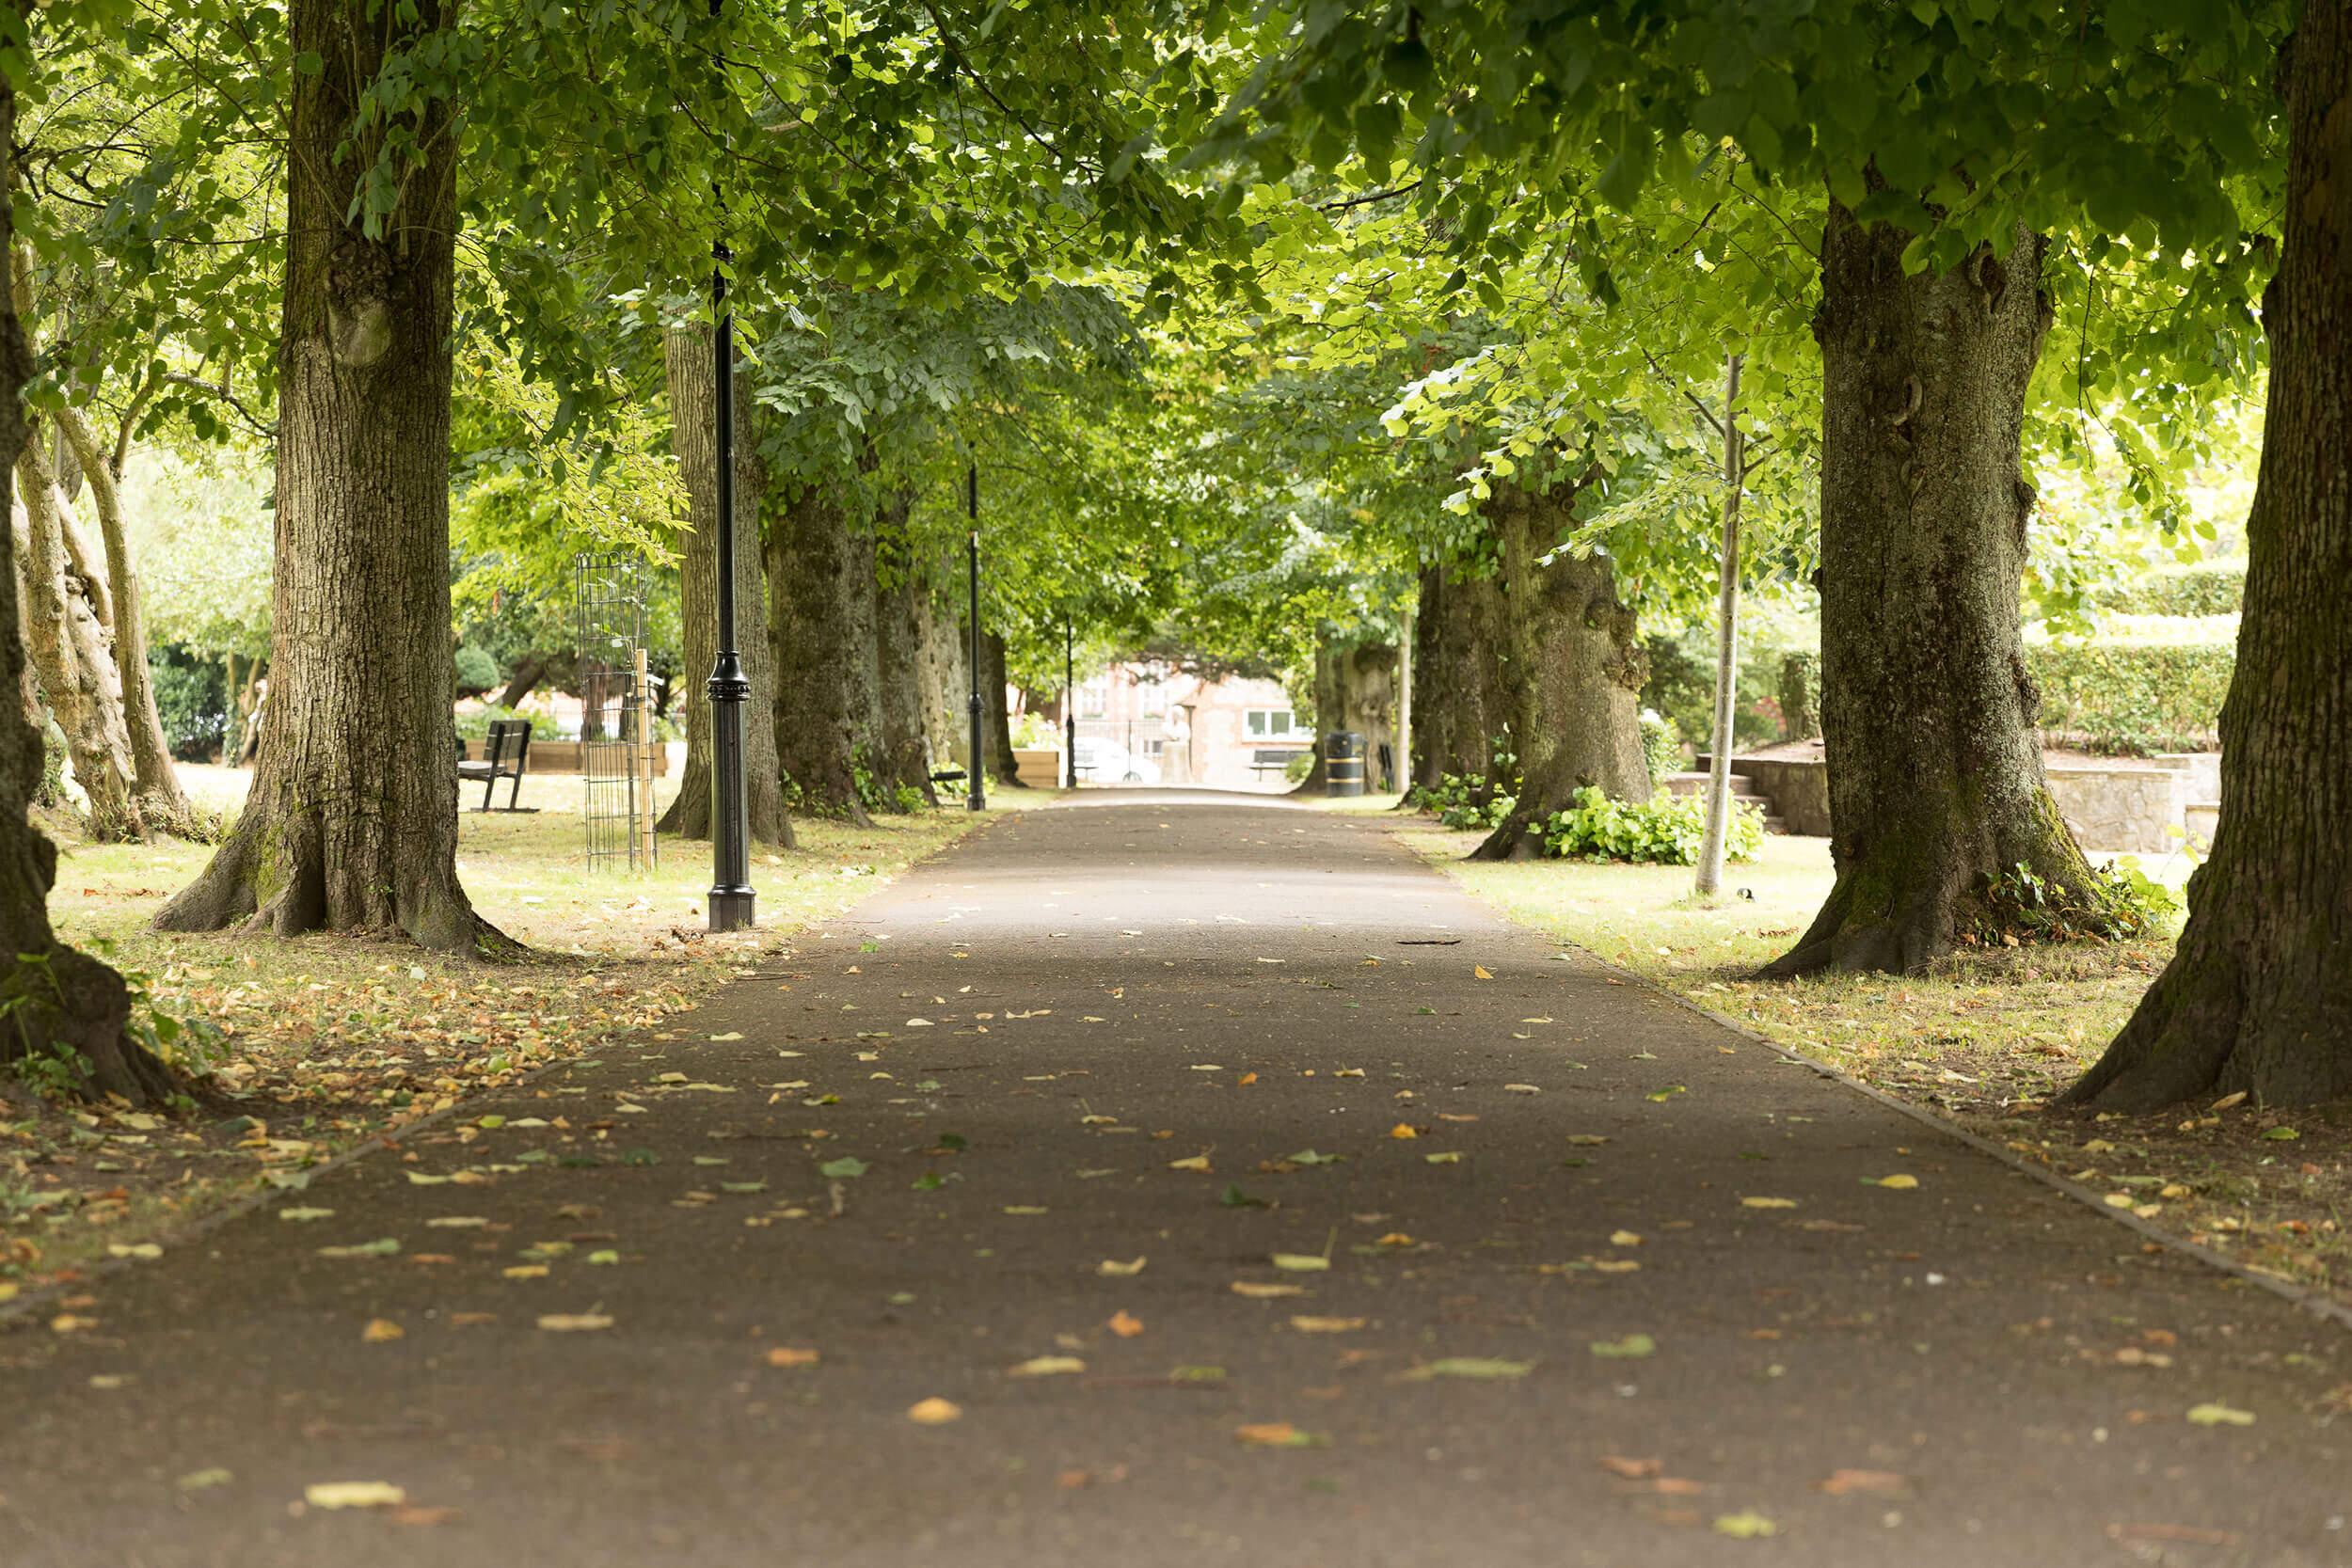 alton park image